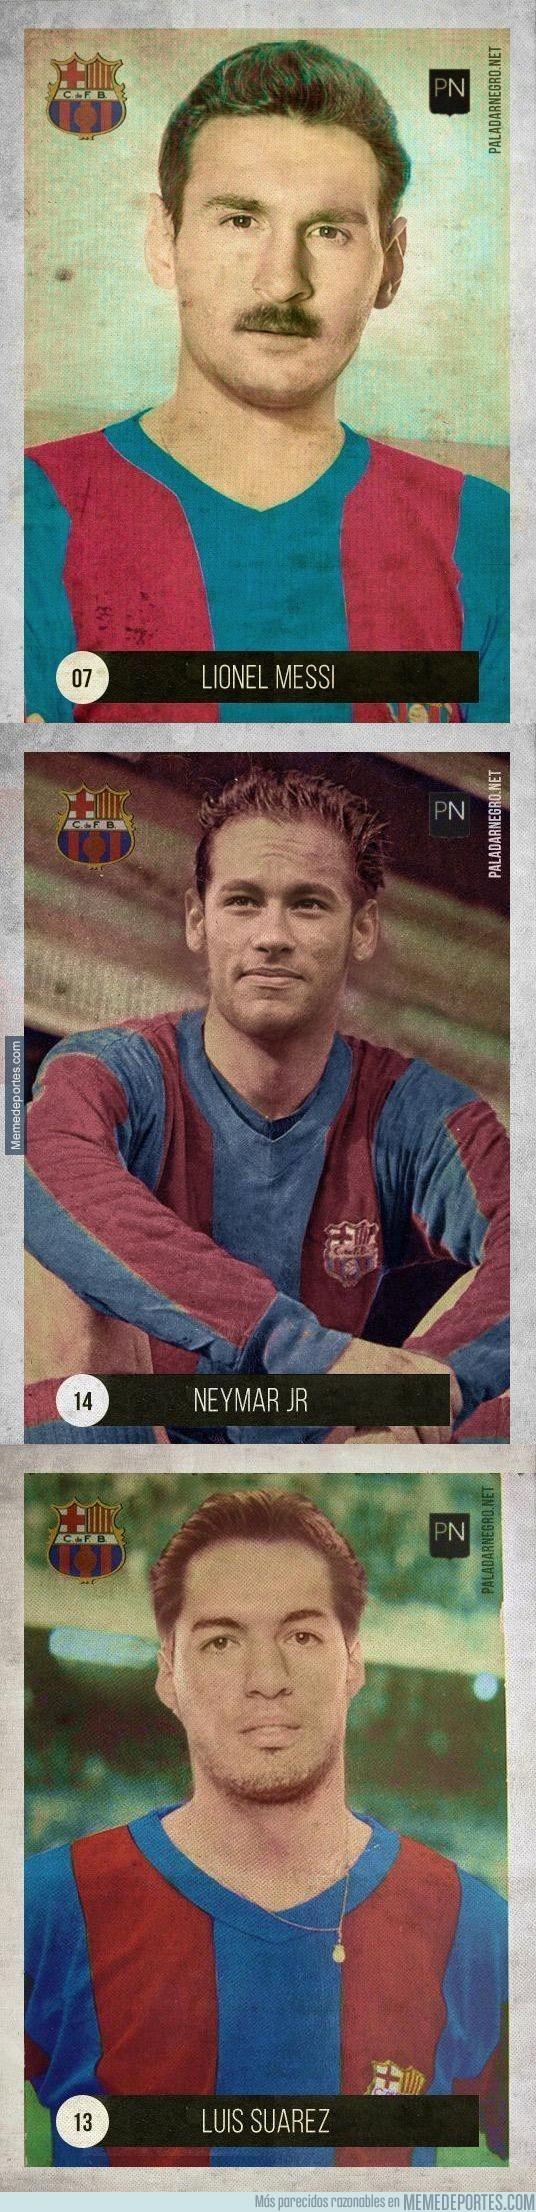 623954 - Tridente del Barça versión retro